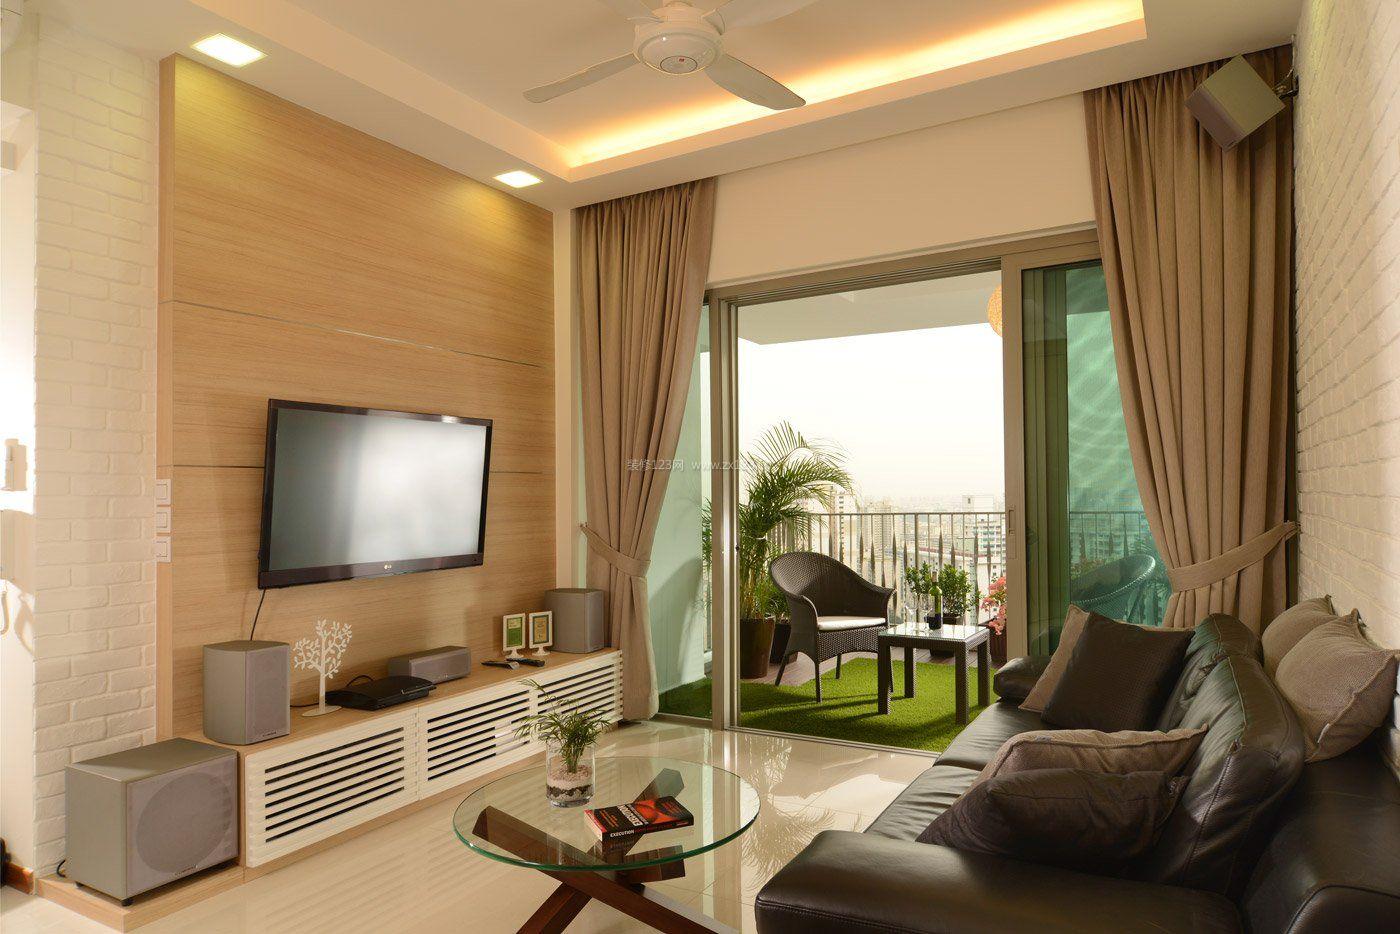 家装效果图 简约 简约小客厅带阳台推拉门设计 提供者:   ← → 可以